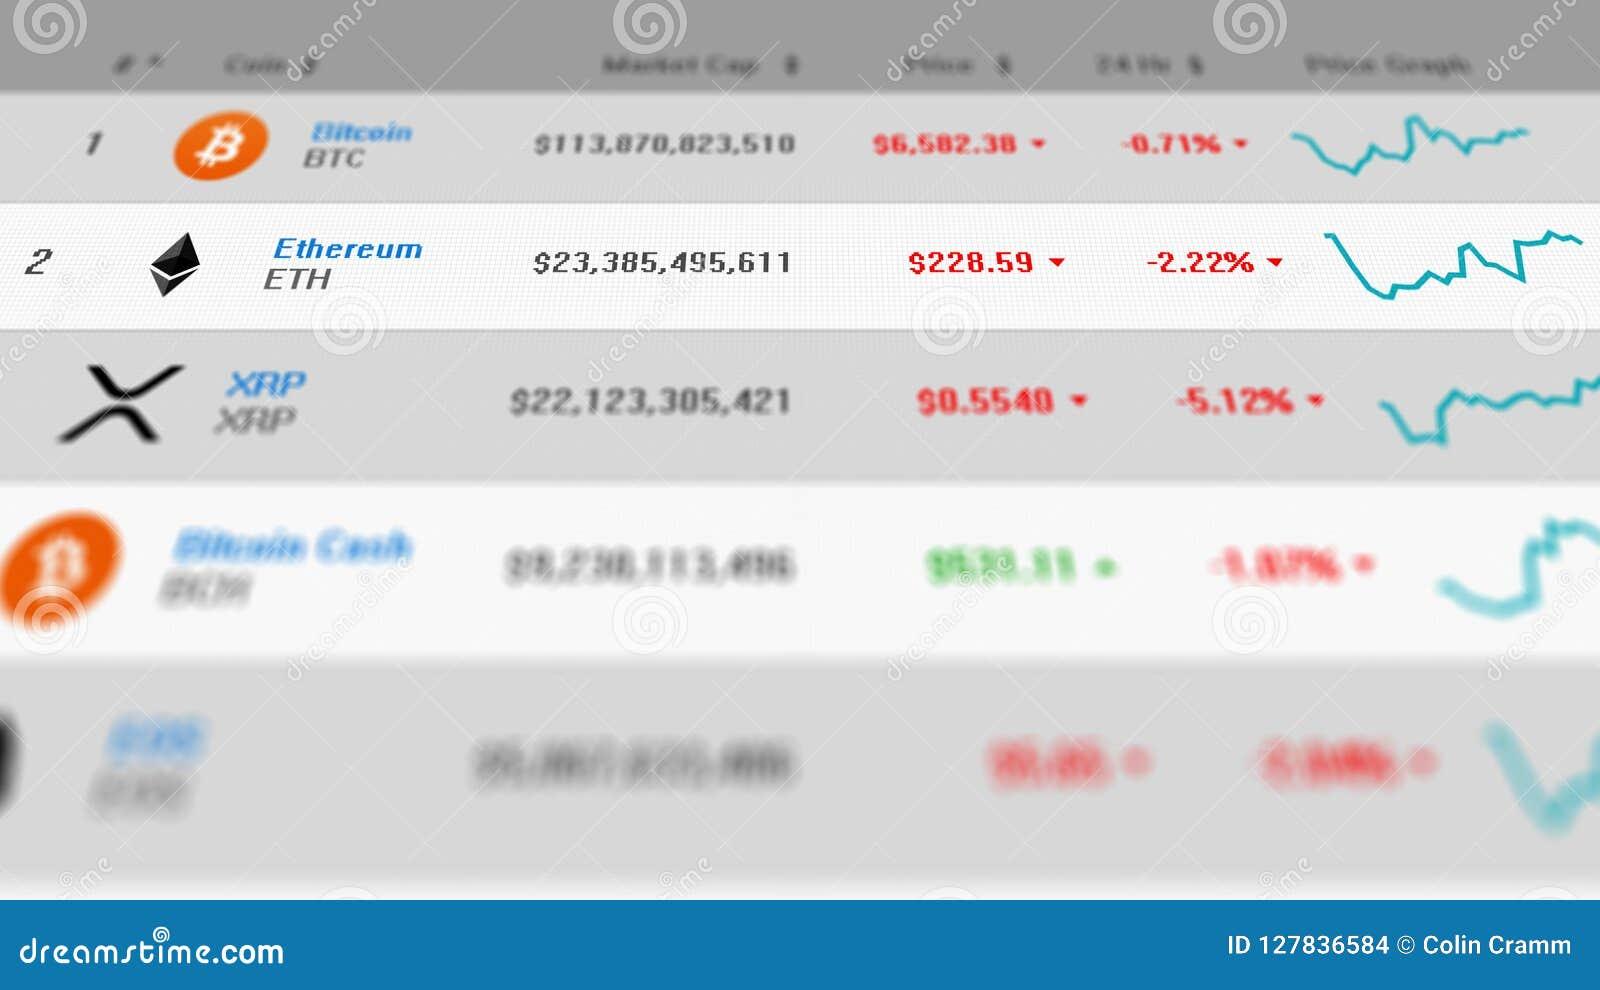 list of top cryptocurrencies exchange